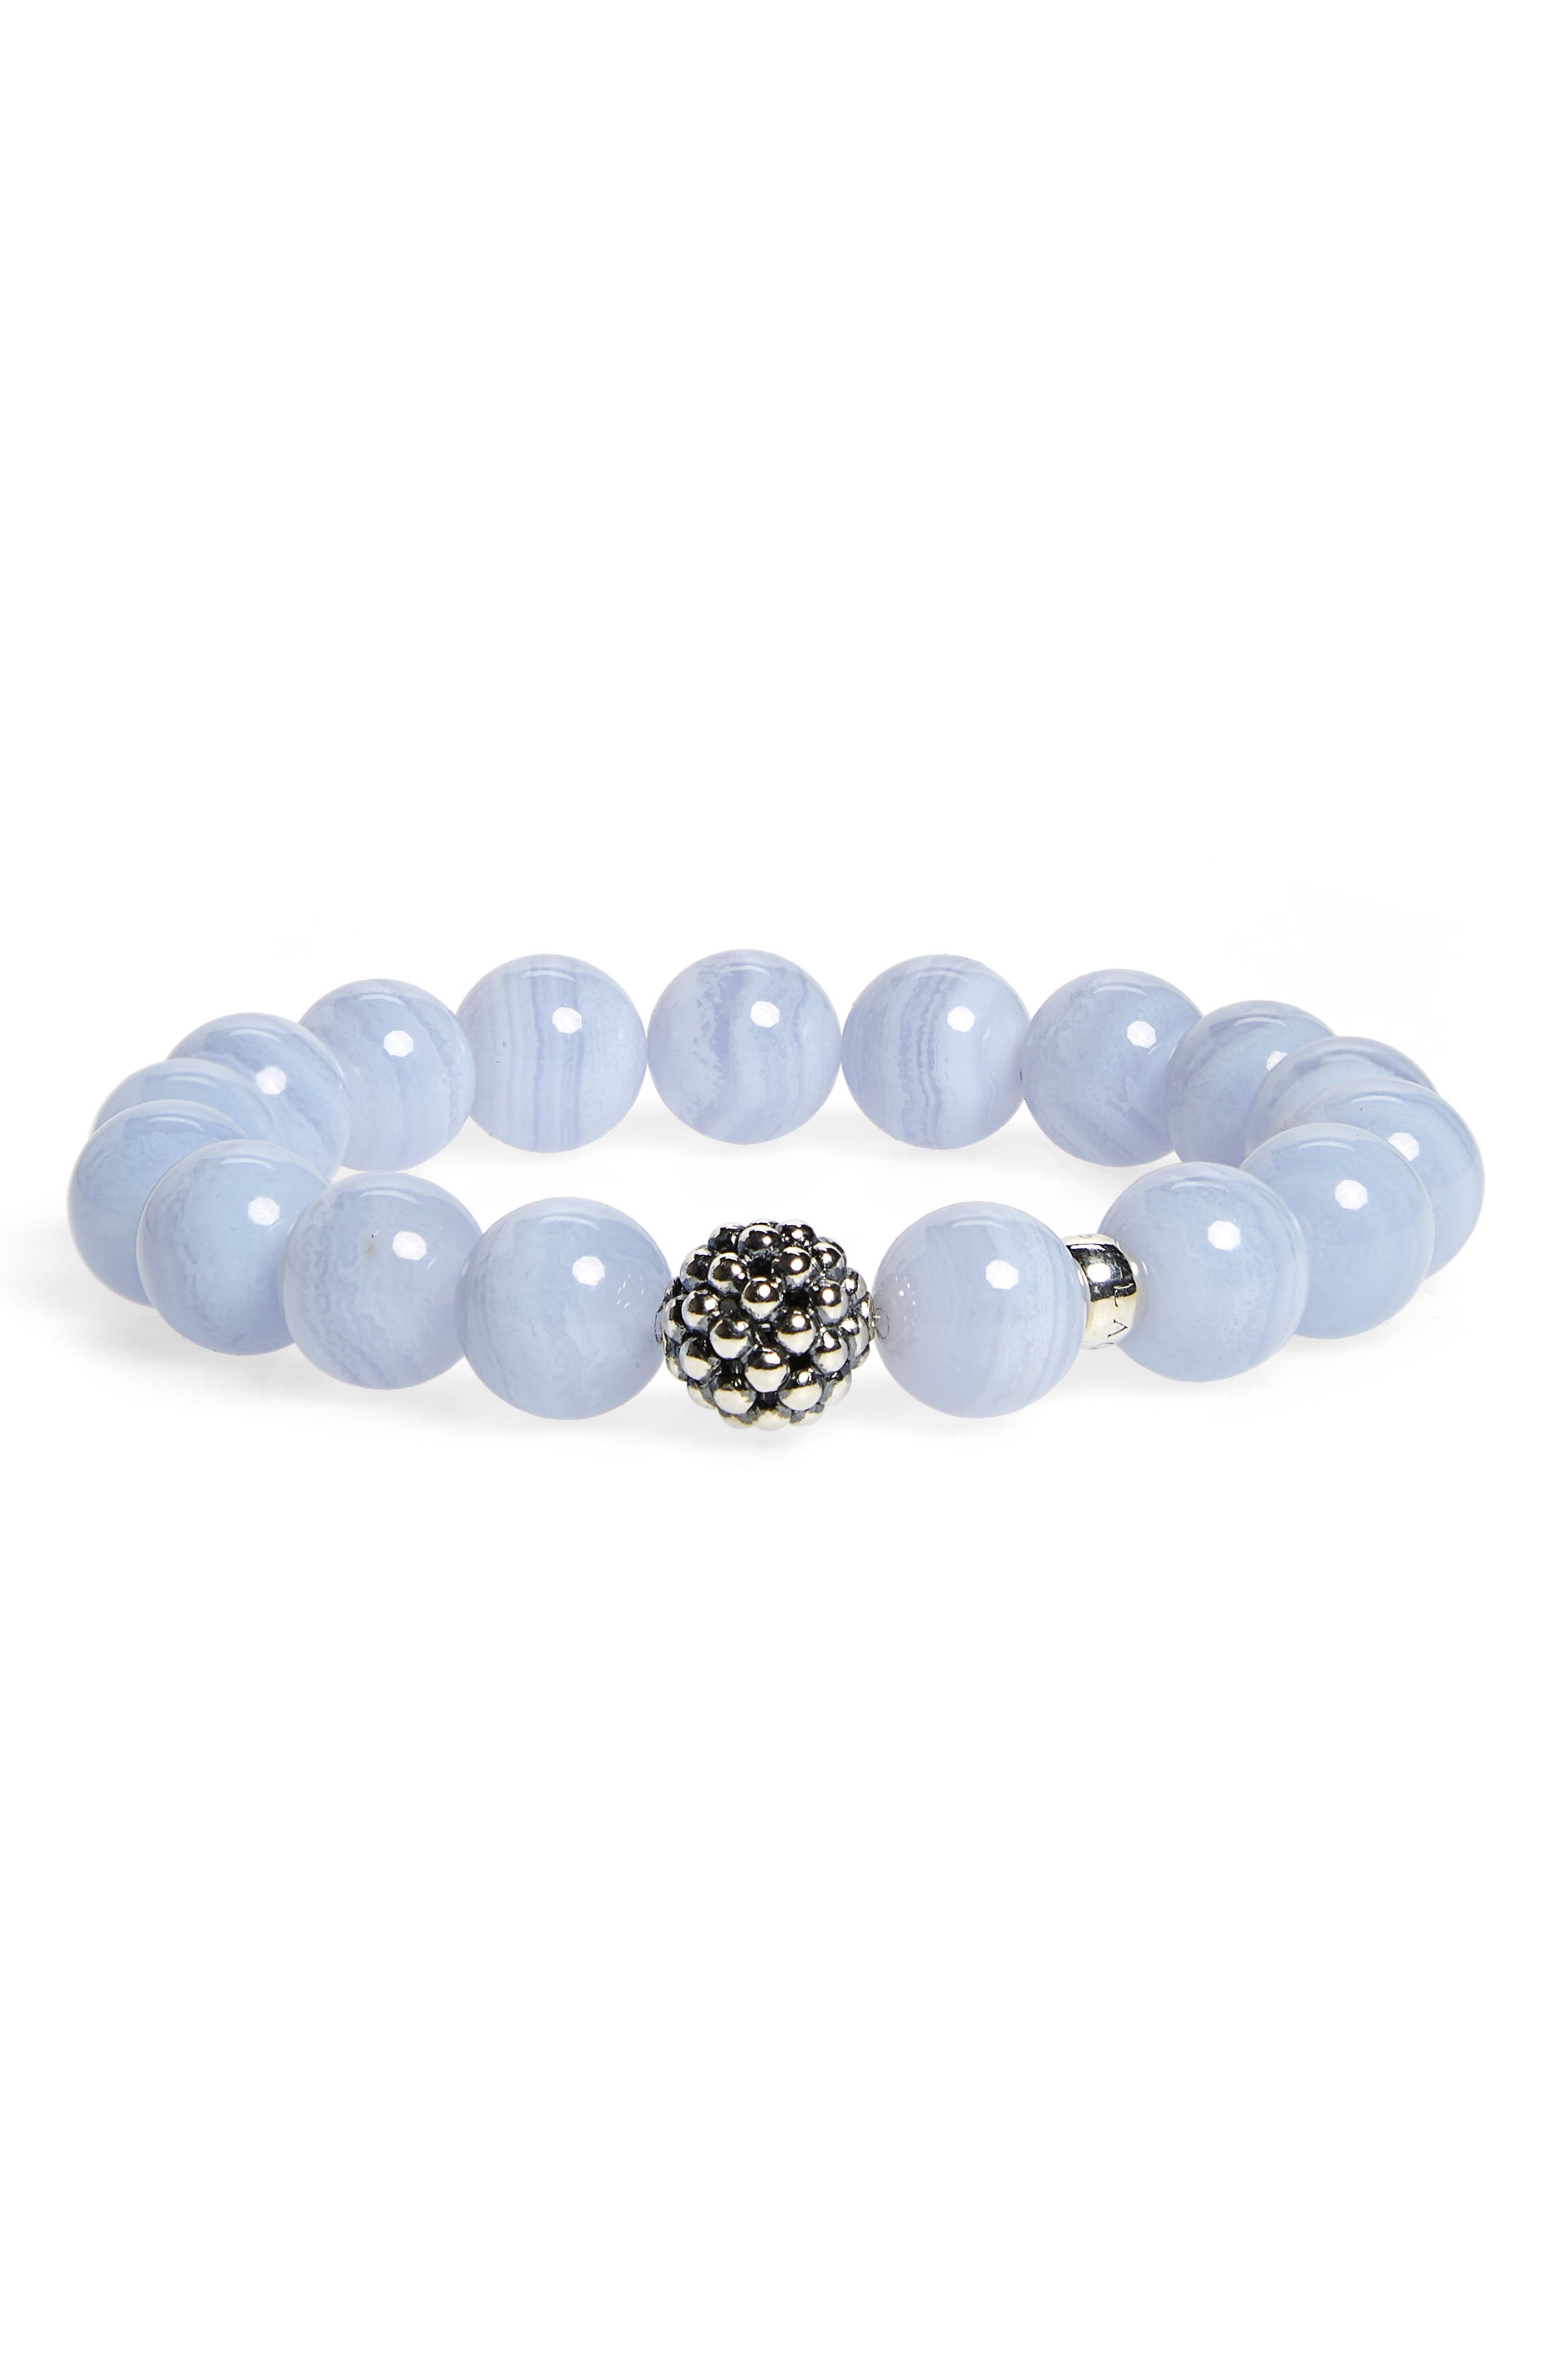 Bead Stretch Bracelet,                             Alternate thumbnail 2, color,                             BLUE LACE AGATE